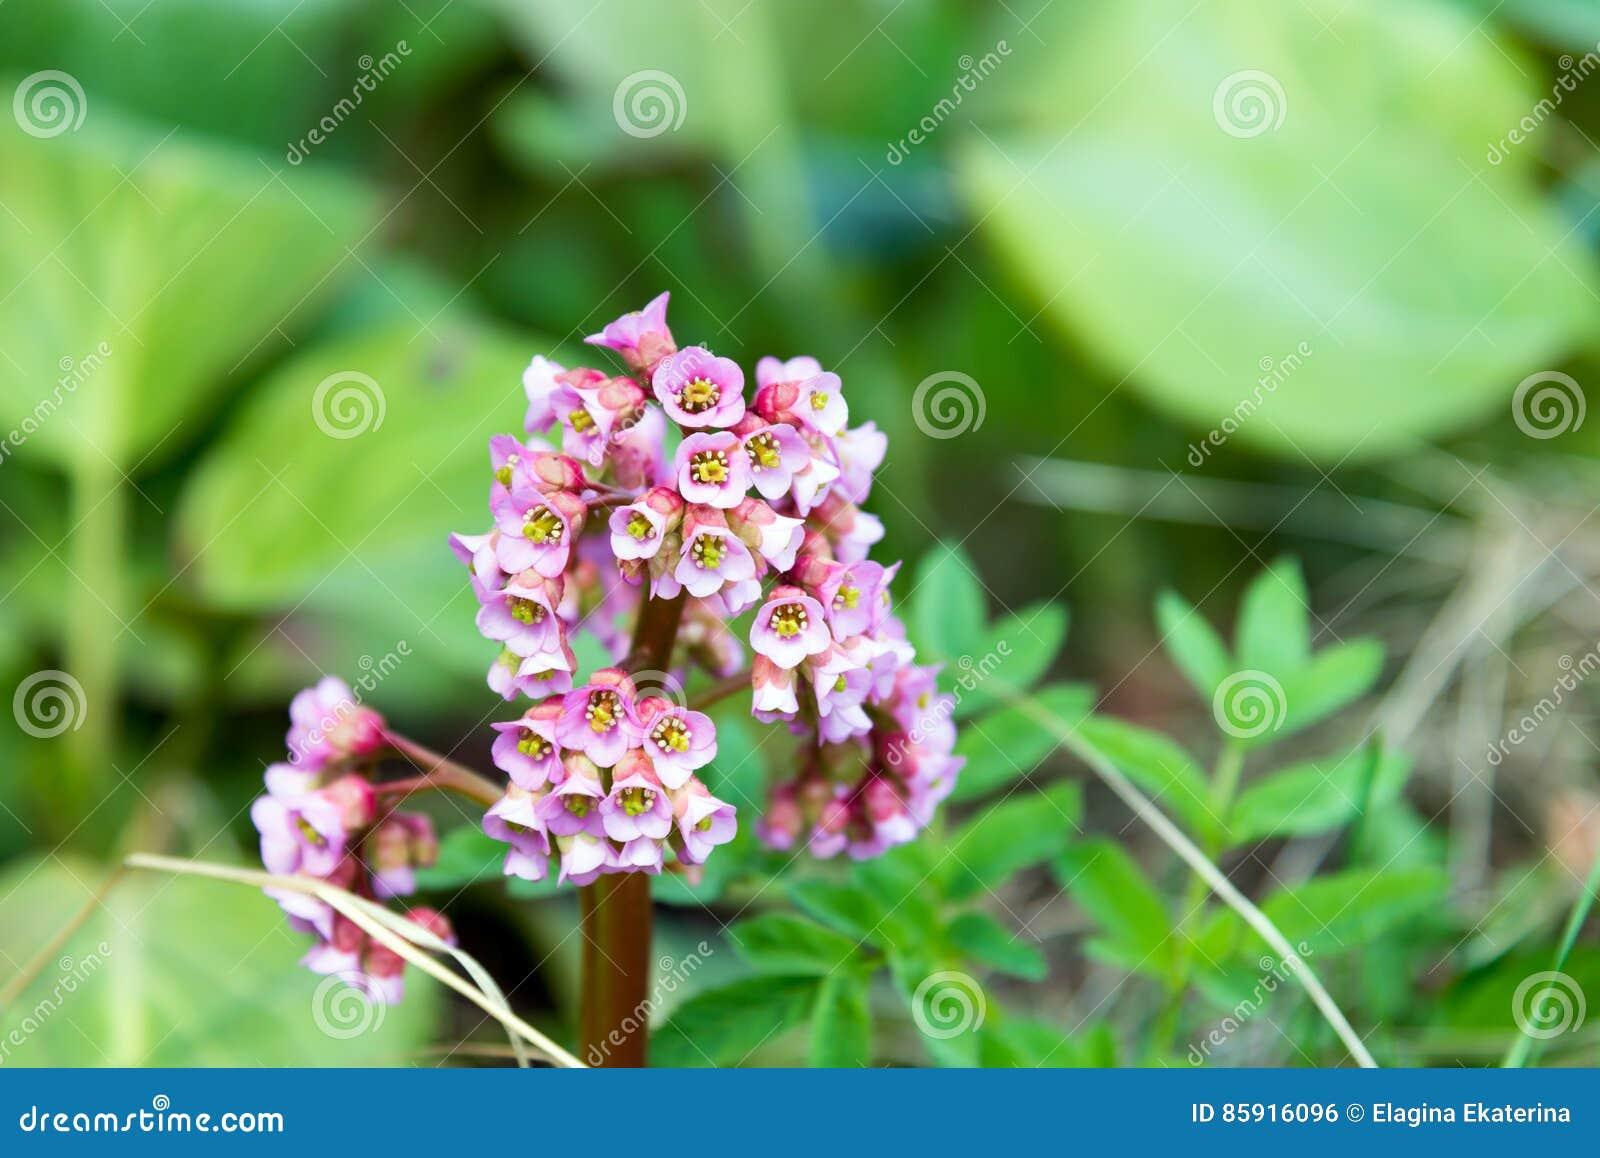 saxifrage éléphant-à oreilles de beau de ressort de rose bergenia